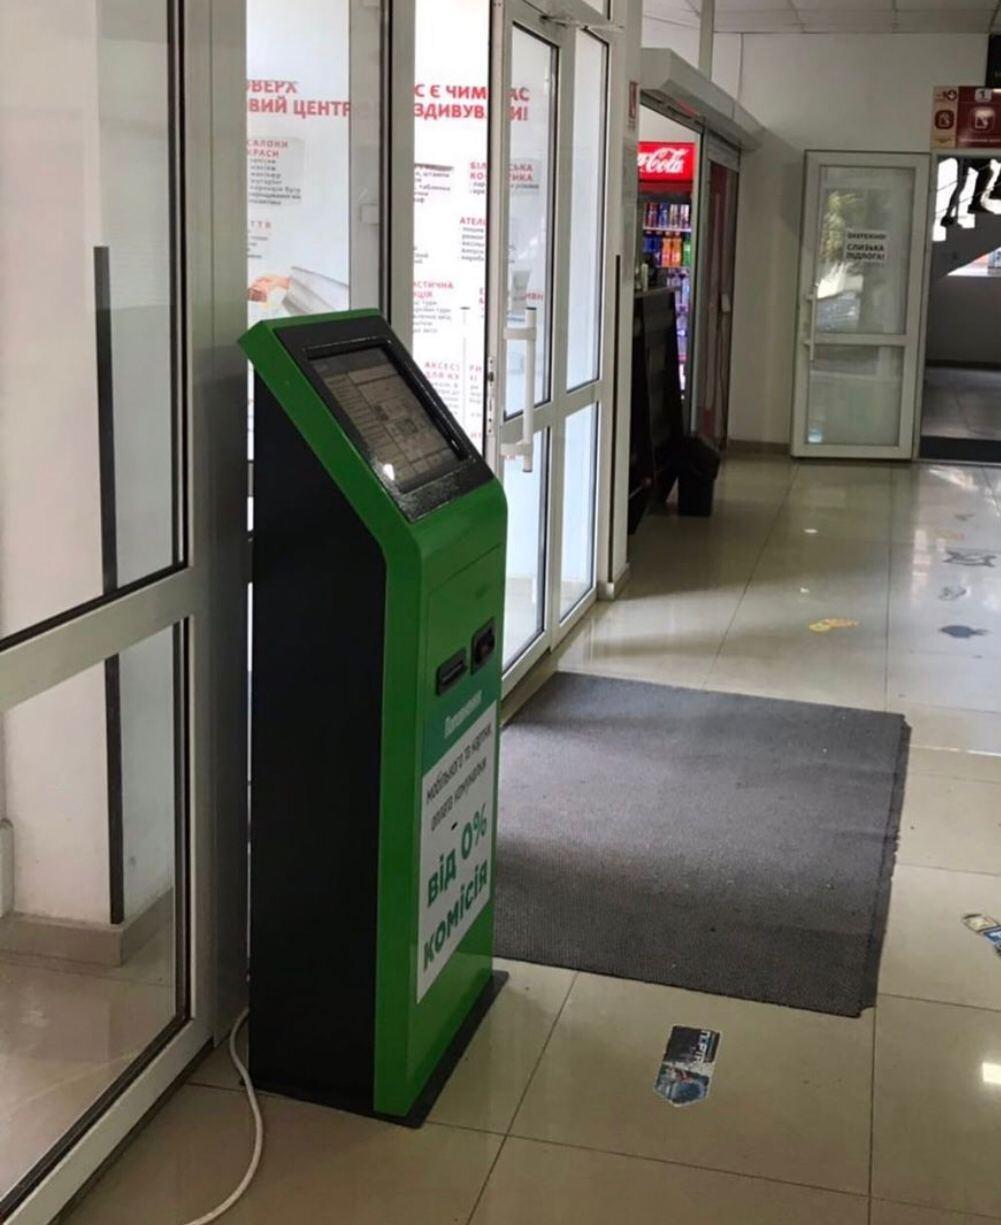 Moneybox - Старт работы с терминалом - moneybox.net.ua отзыв